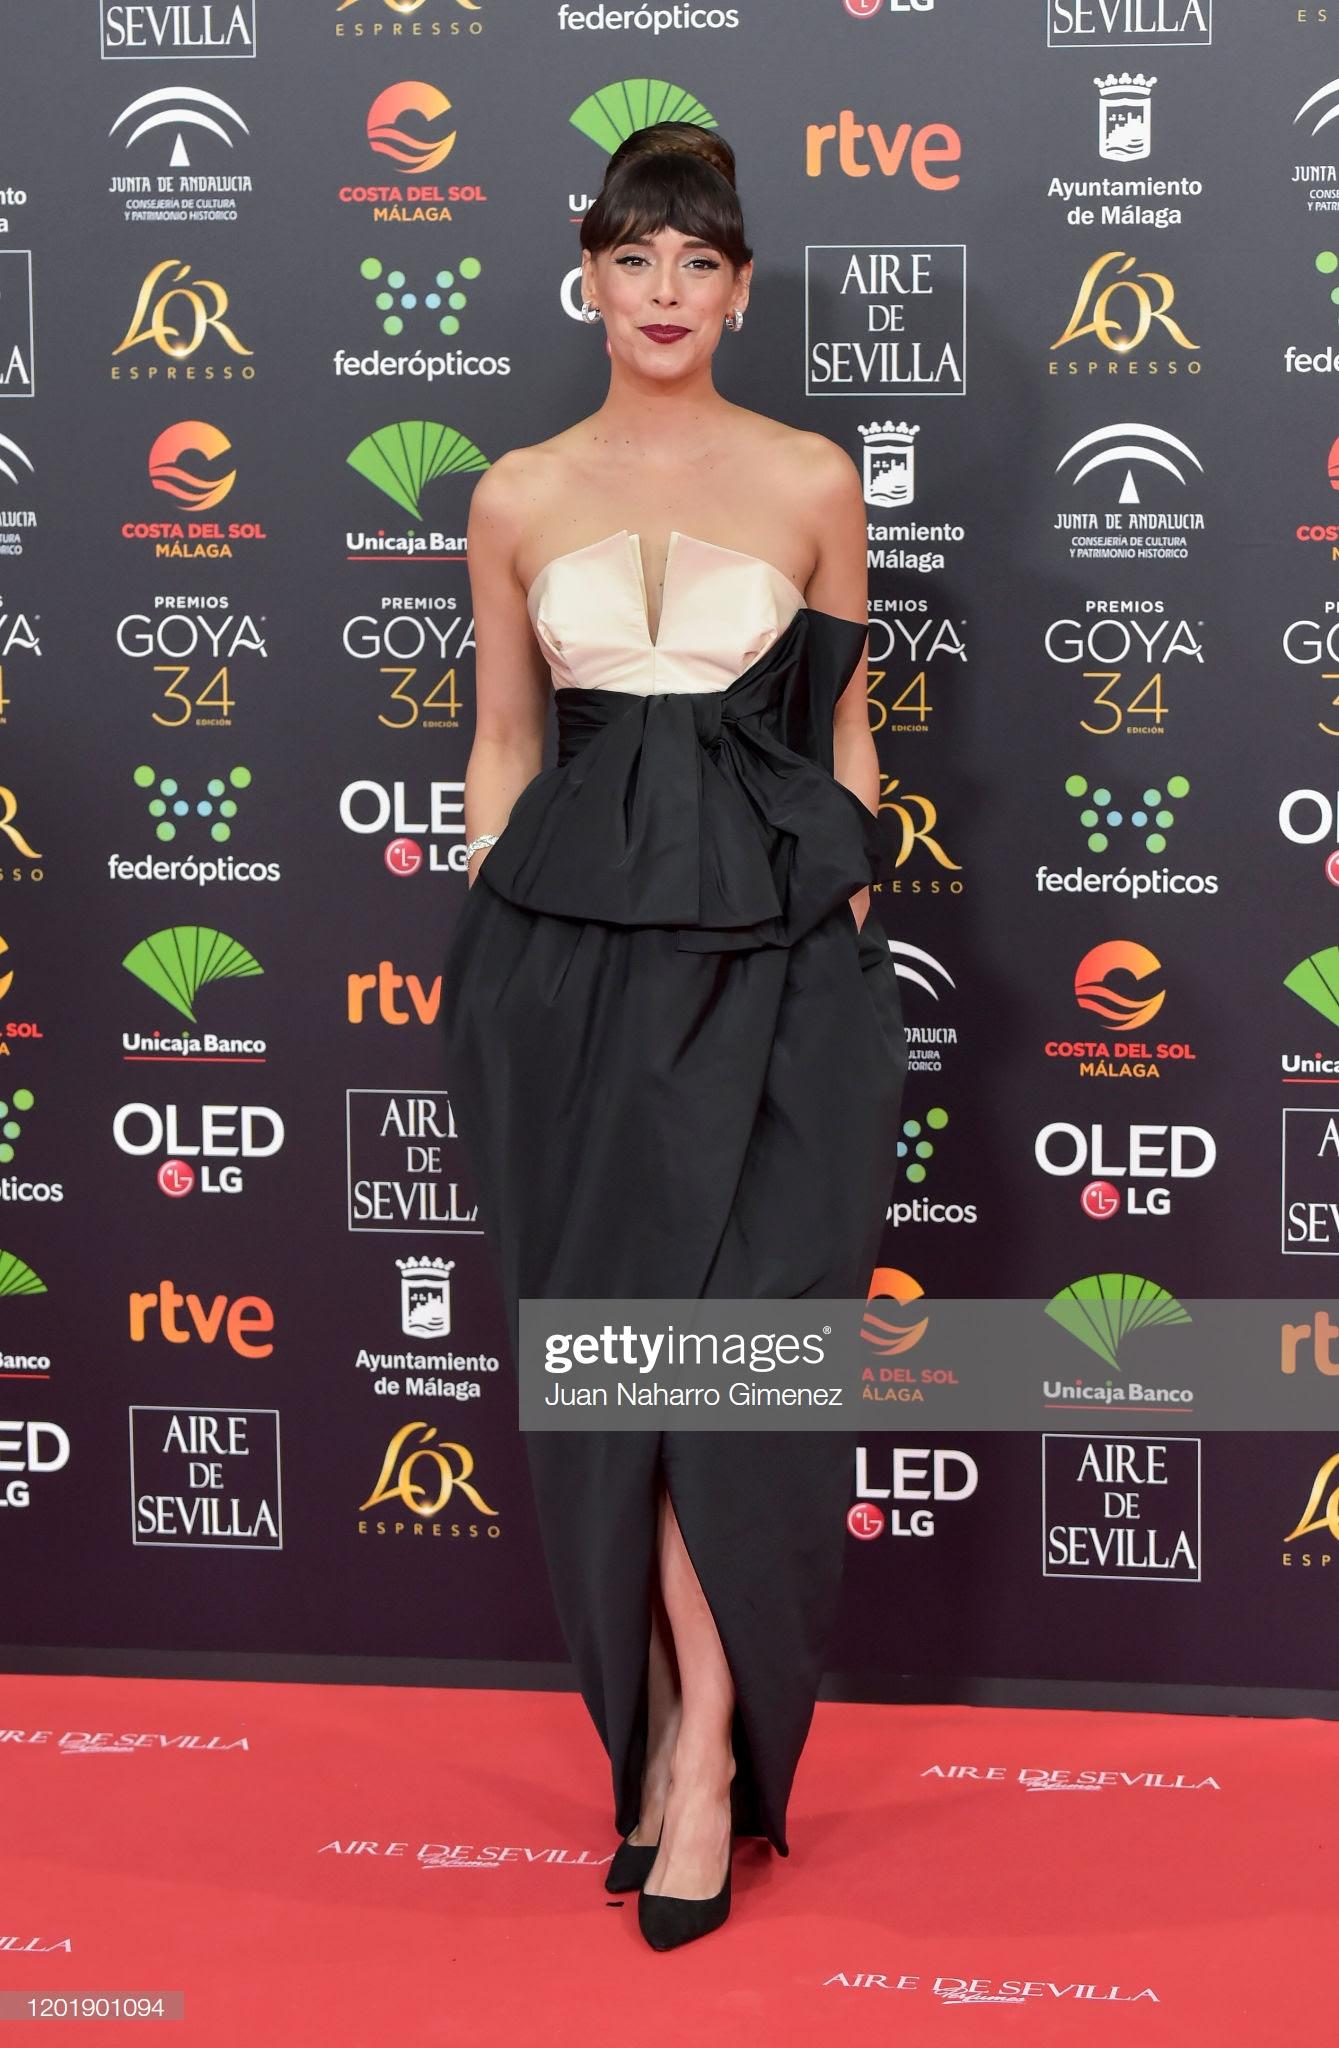 fab64a89 1556 453e 9a99 ee9722165d0f - Premios Goya 2020 : Looks de todas las celebrities que lucieron  marcas de Replica